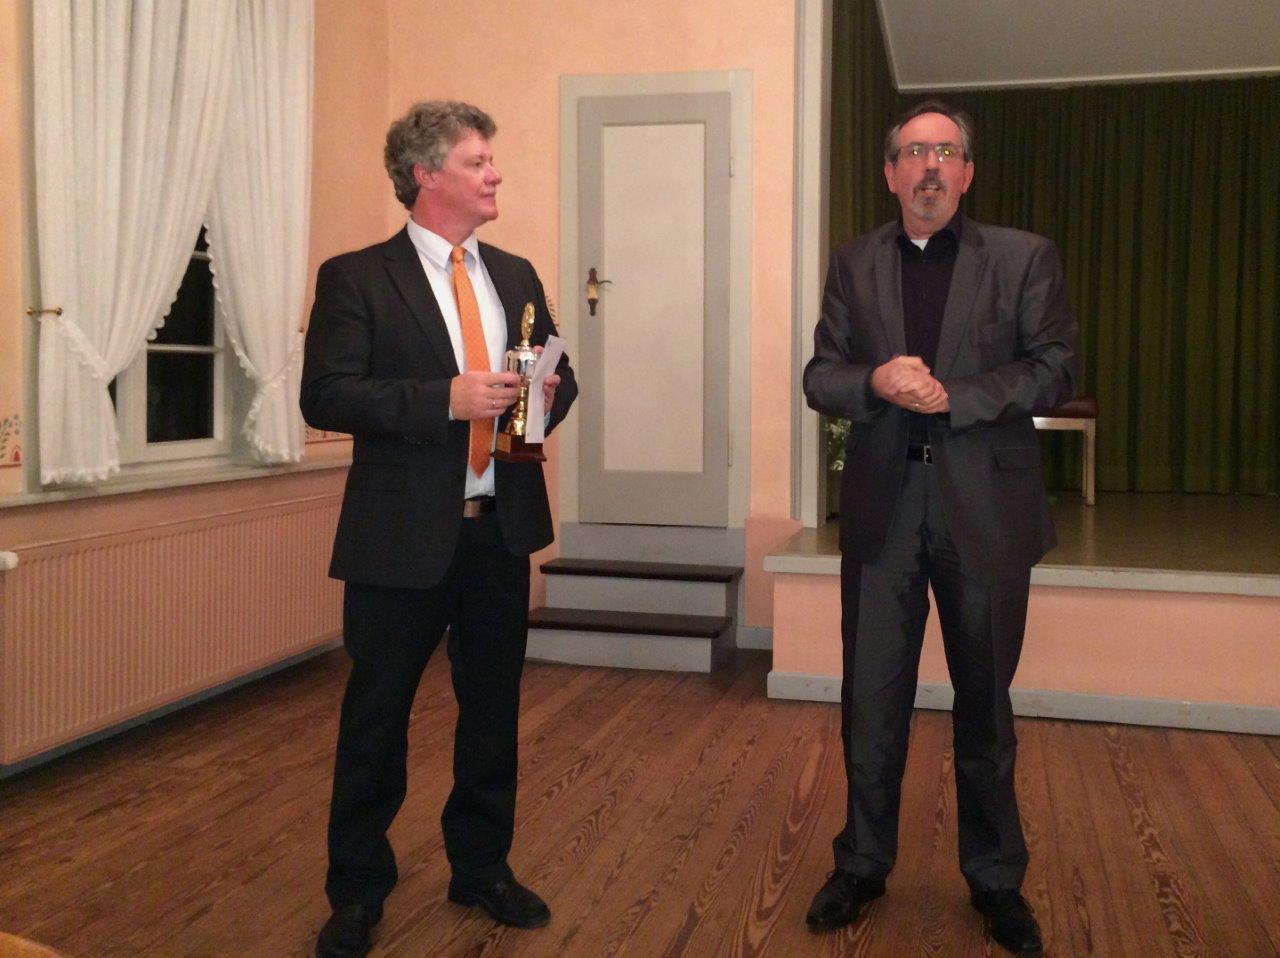 Freundschafltiche Glückwunsche von Jürgen an Detlef Wedi